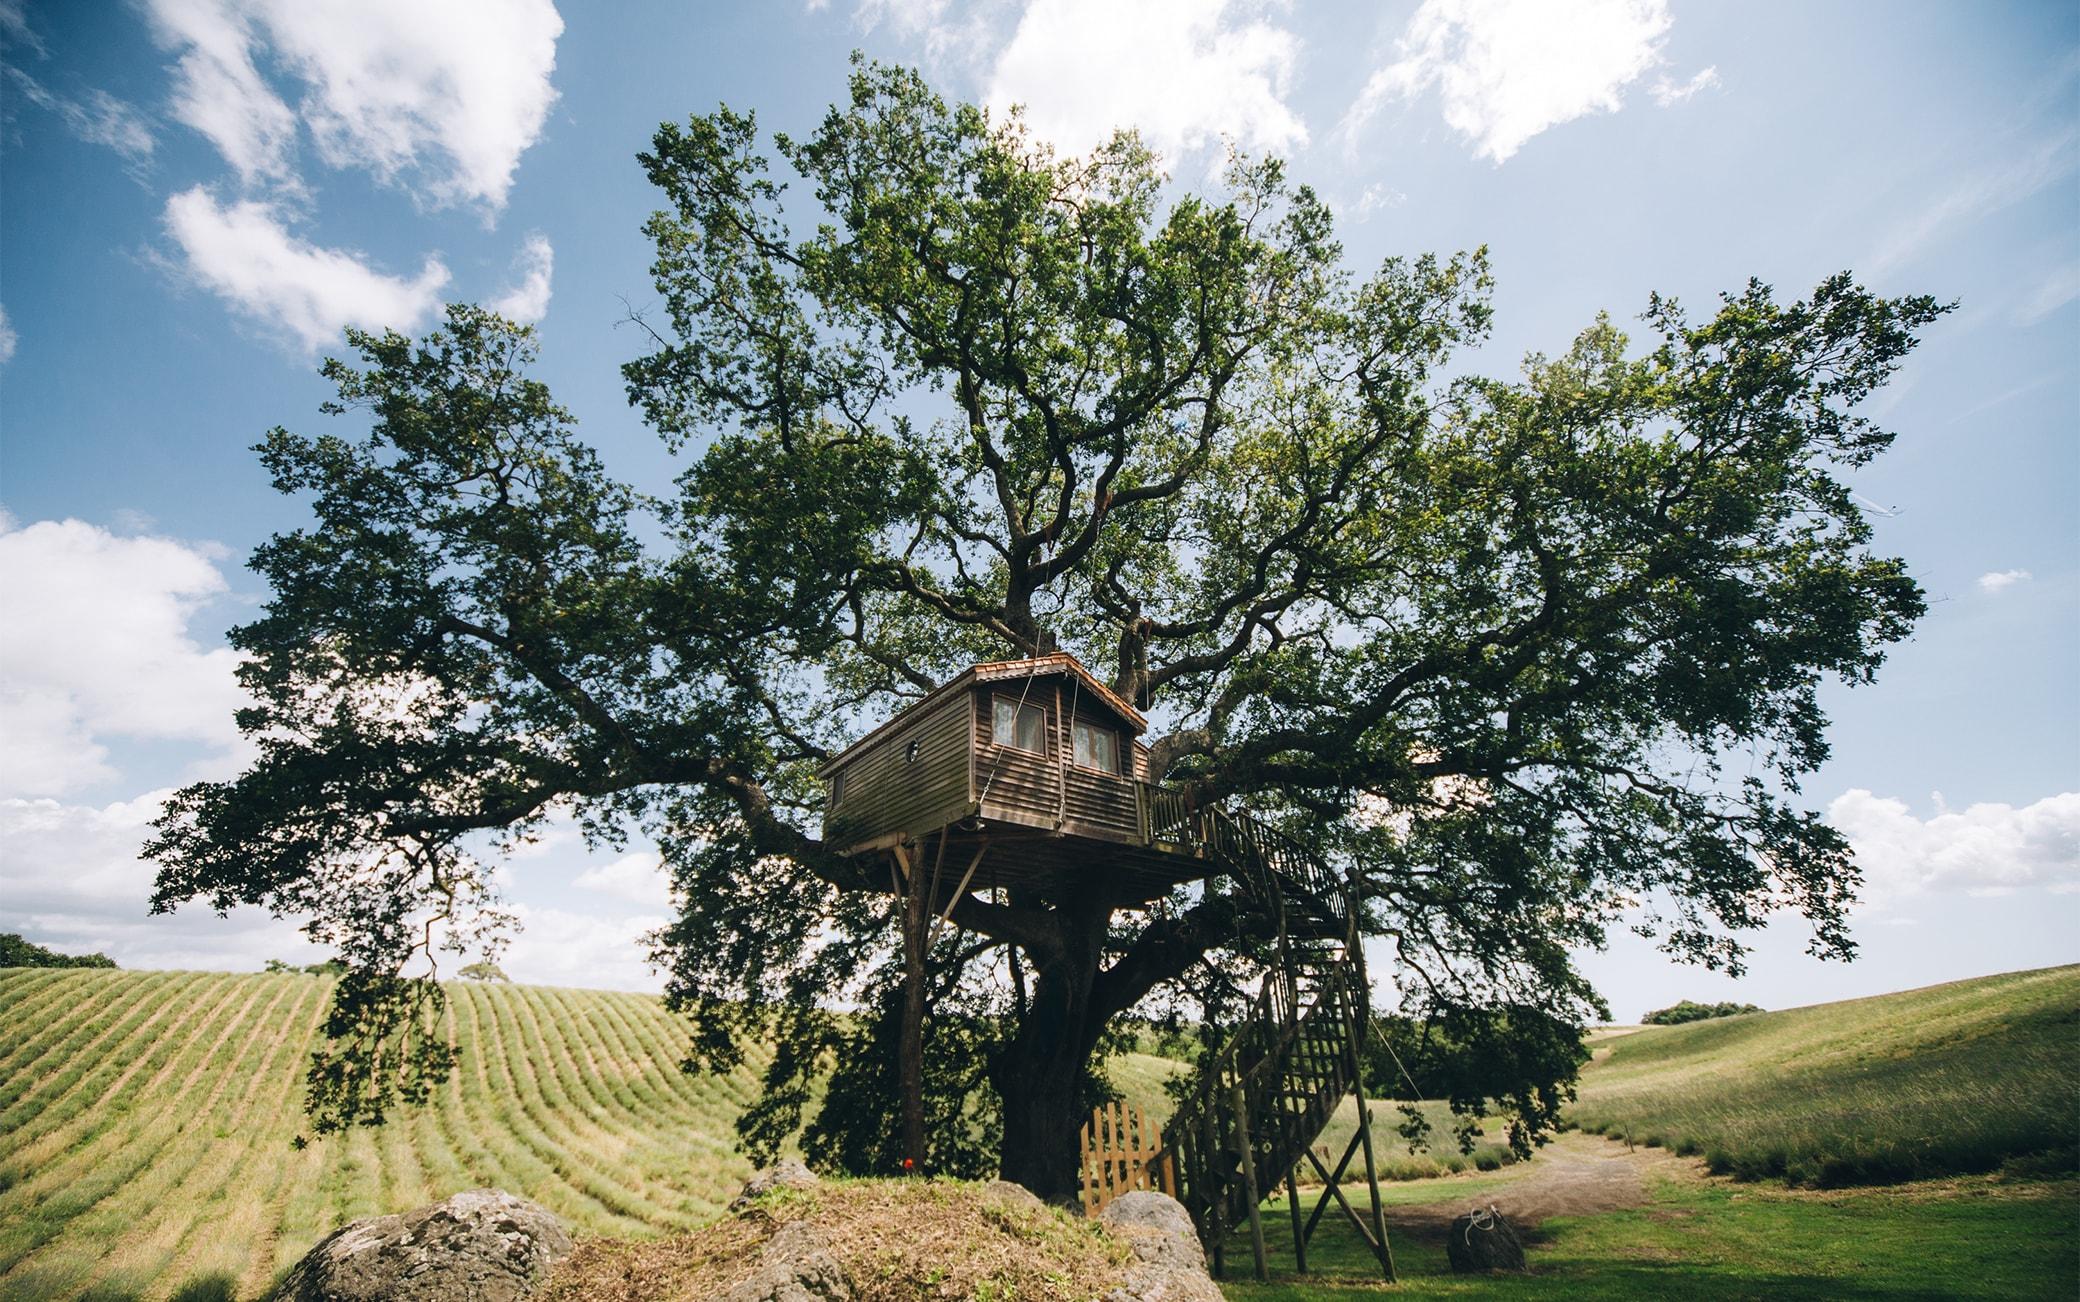 La casa sull'albero dell'agriturismo La Piantata nel Viterbese